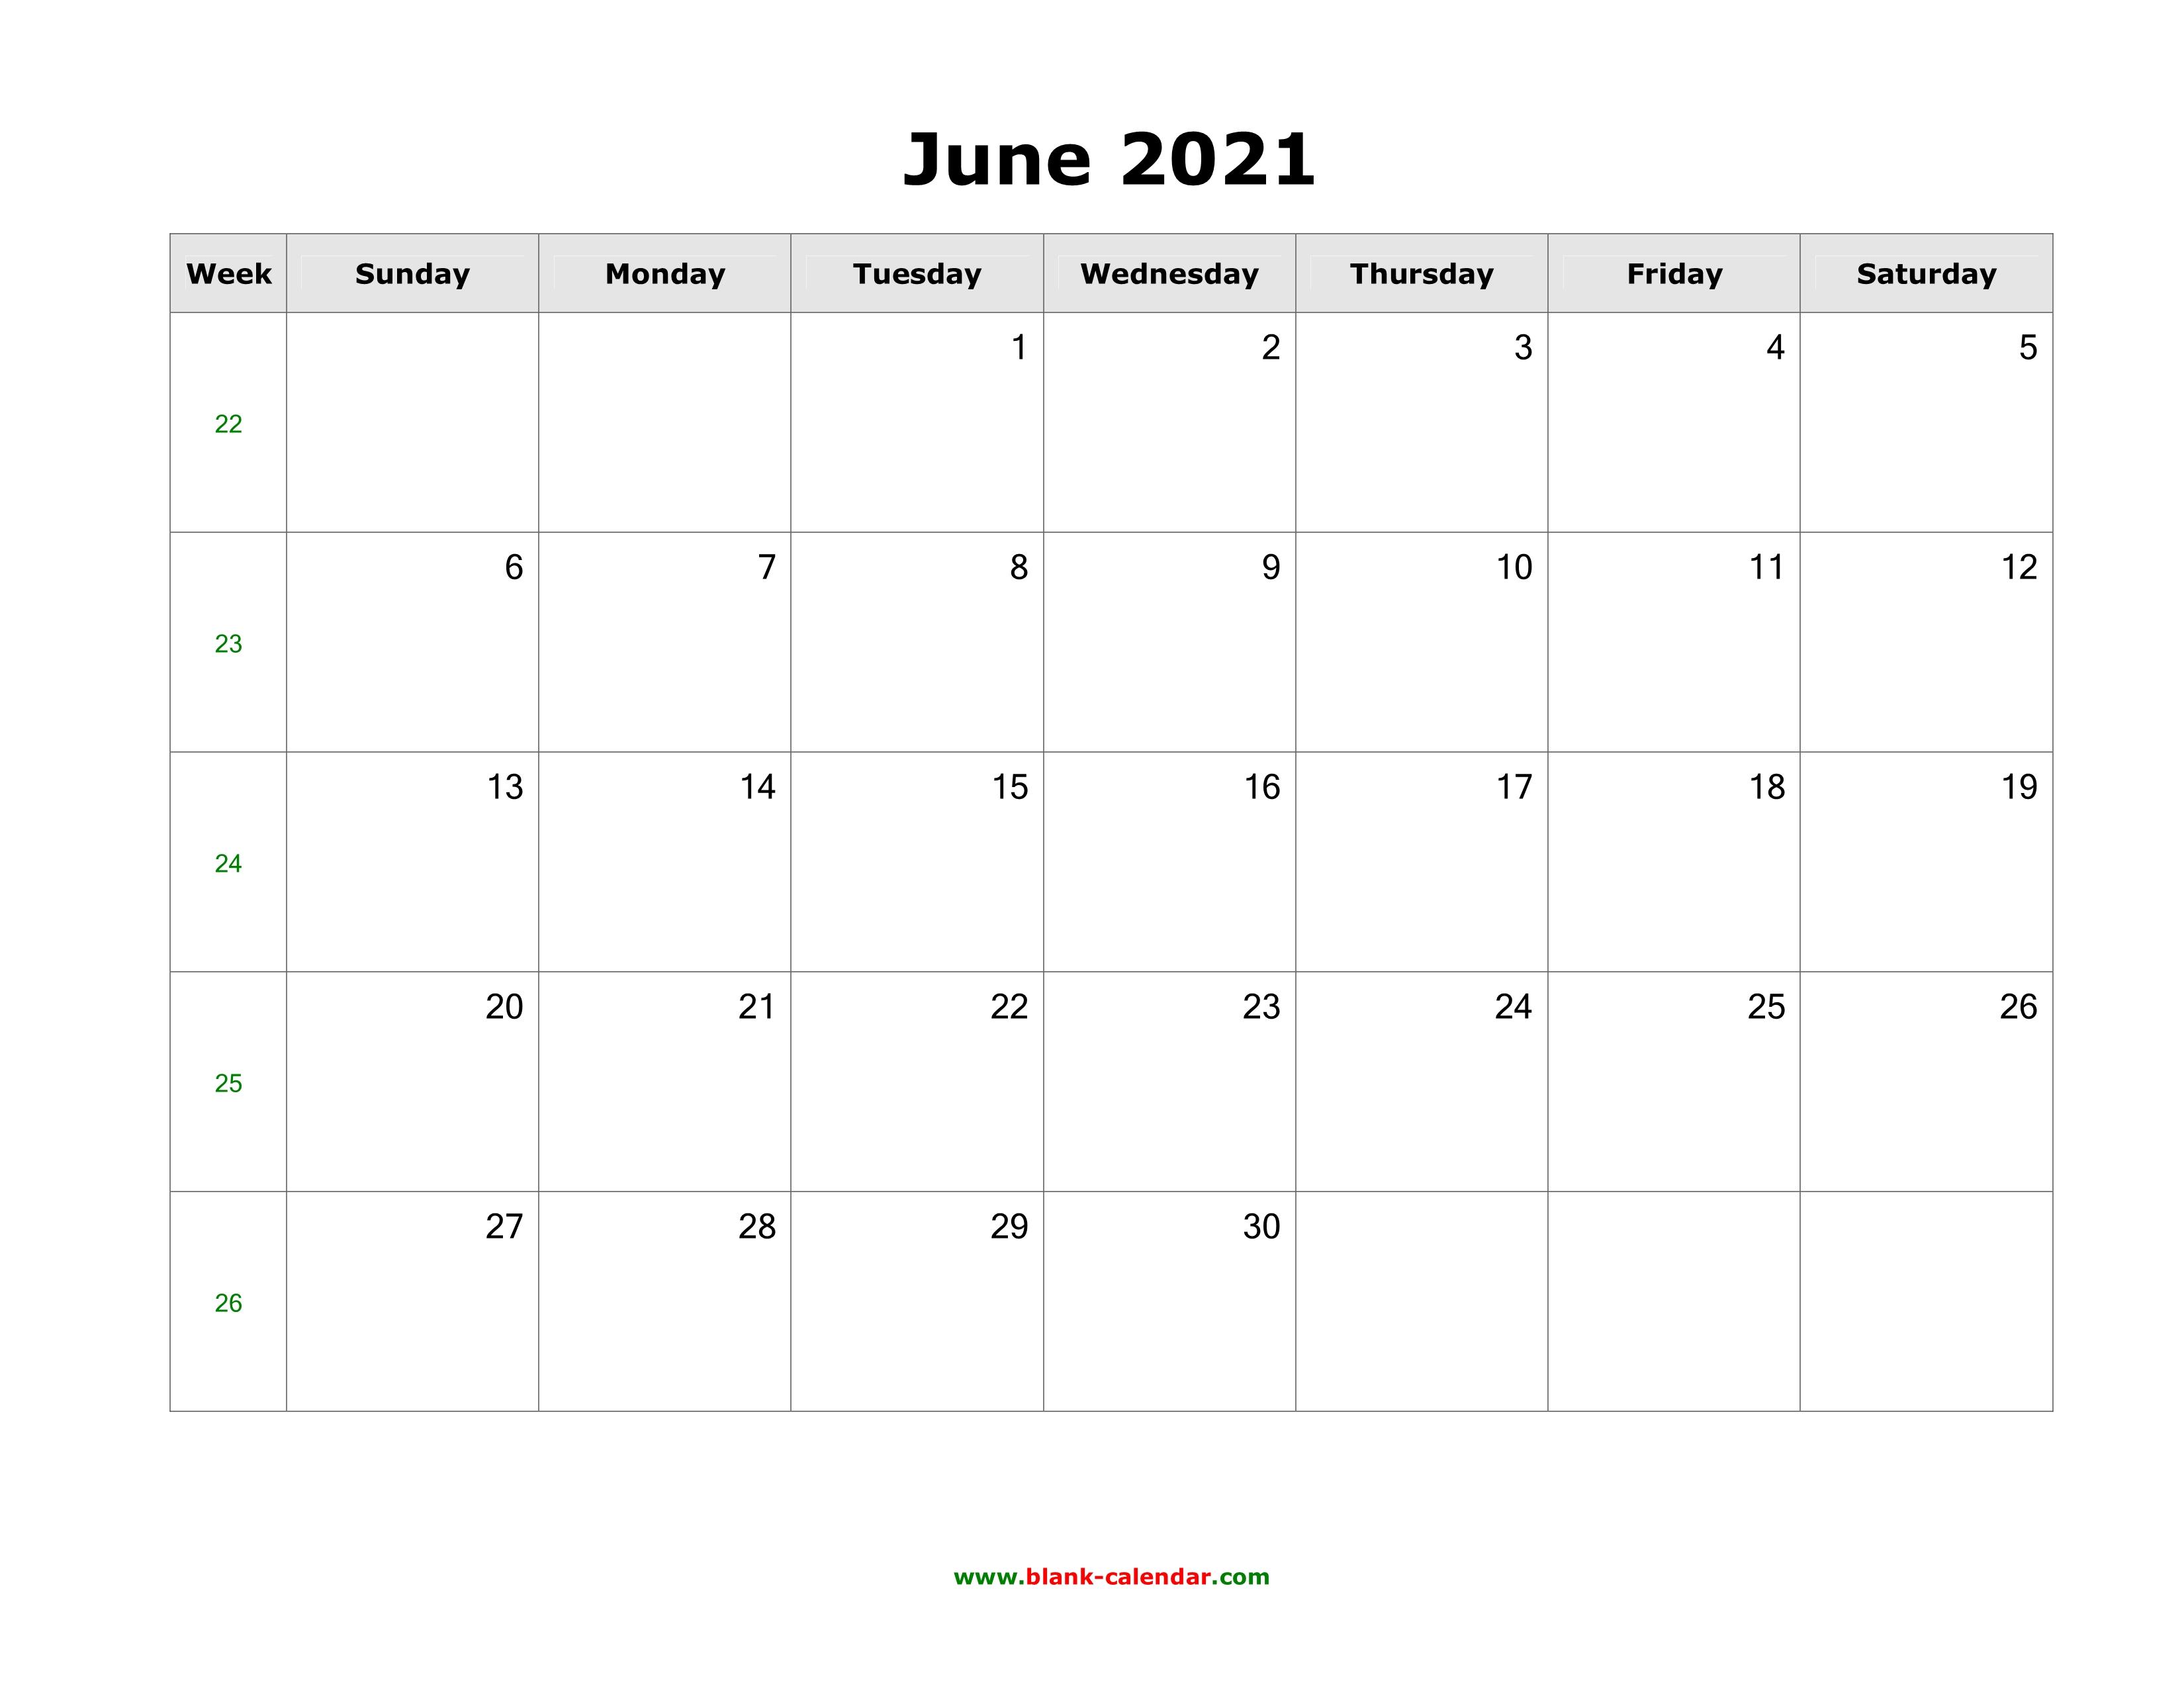 June 2021 Blank Calendar | Free Download Calendar Templates